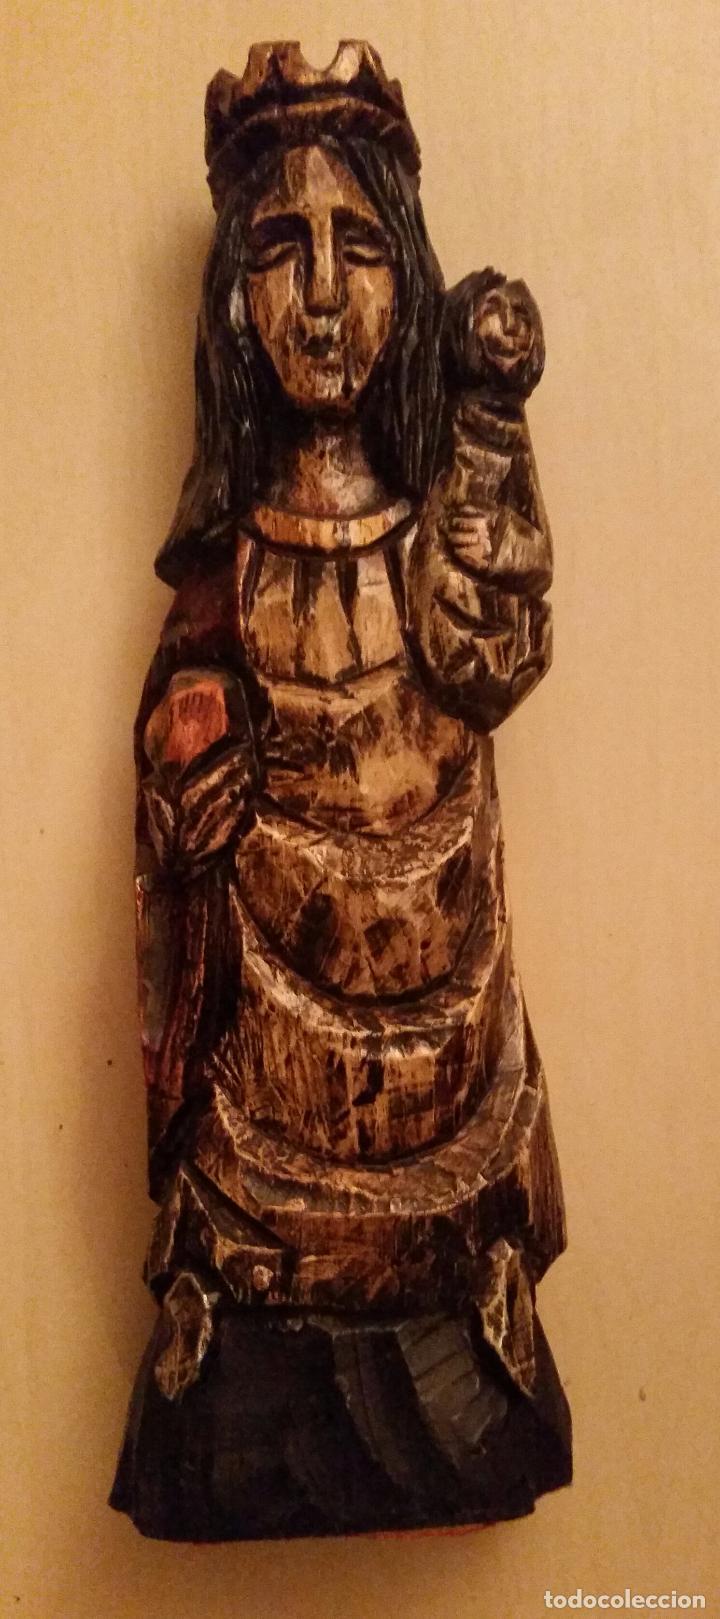 Antigüedades: ANTIGUA TALLA EN MADERA MACIZA DE VIRGEN CON NIÑO (AÑOS 50) - Foto 2 - 47356003